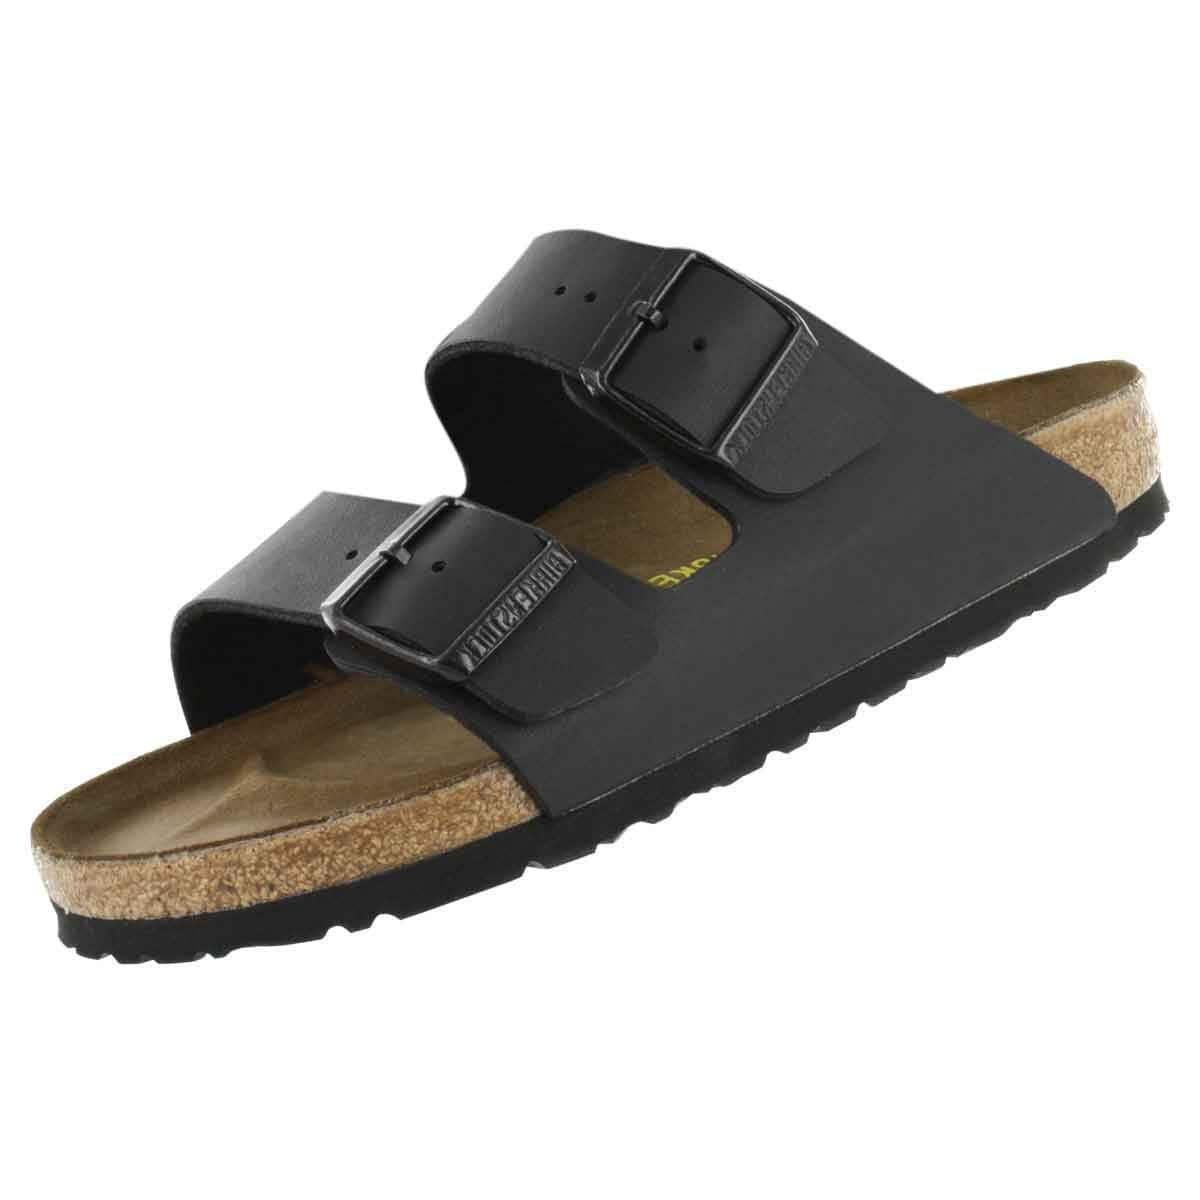 Birkenstock Men's Arizona 2-Strap Cork Footbed Sandal Black 41 M EU